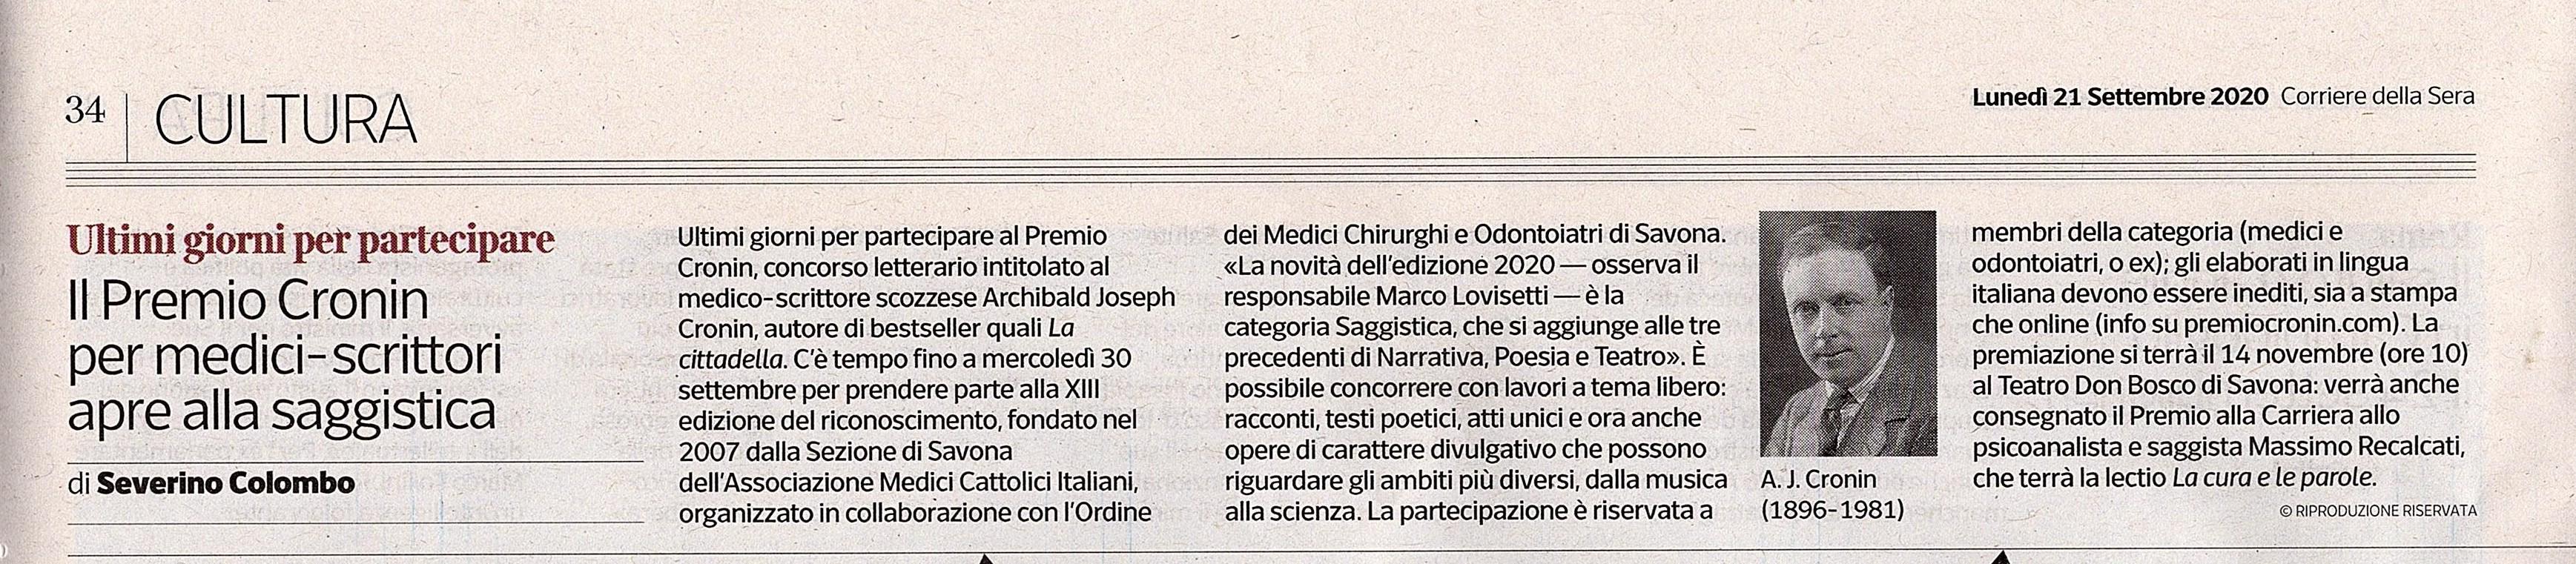 Corriere della Sera - Cronin 21-9-2020